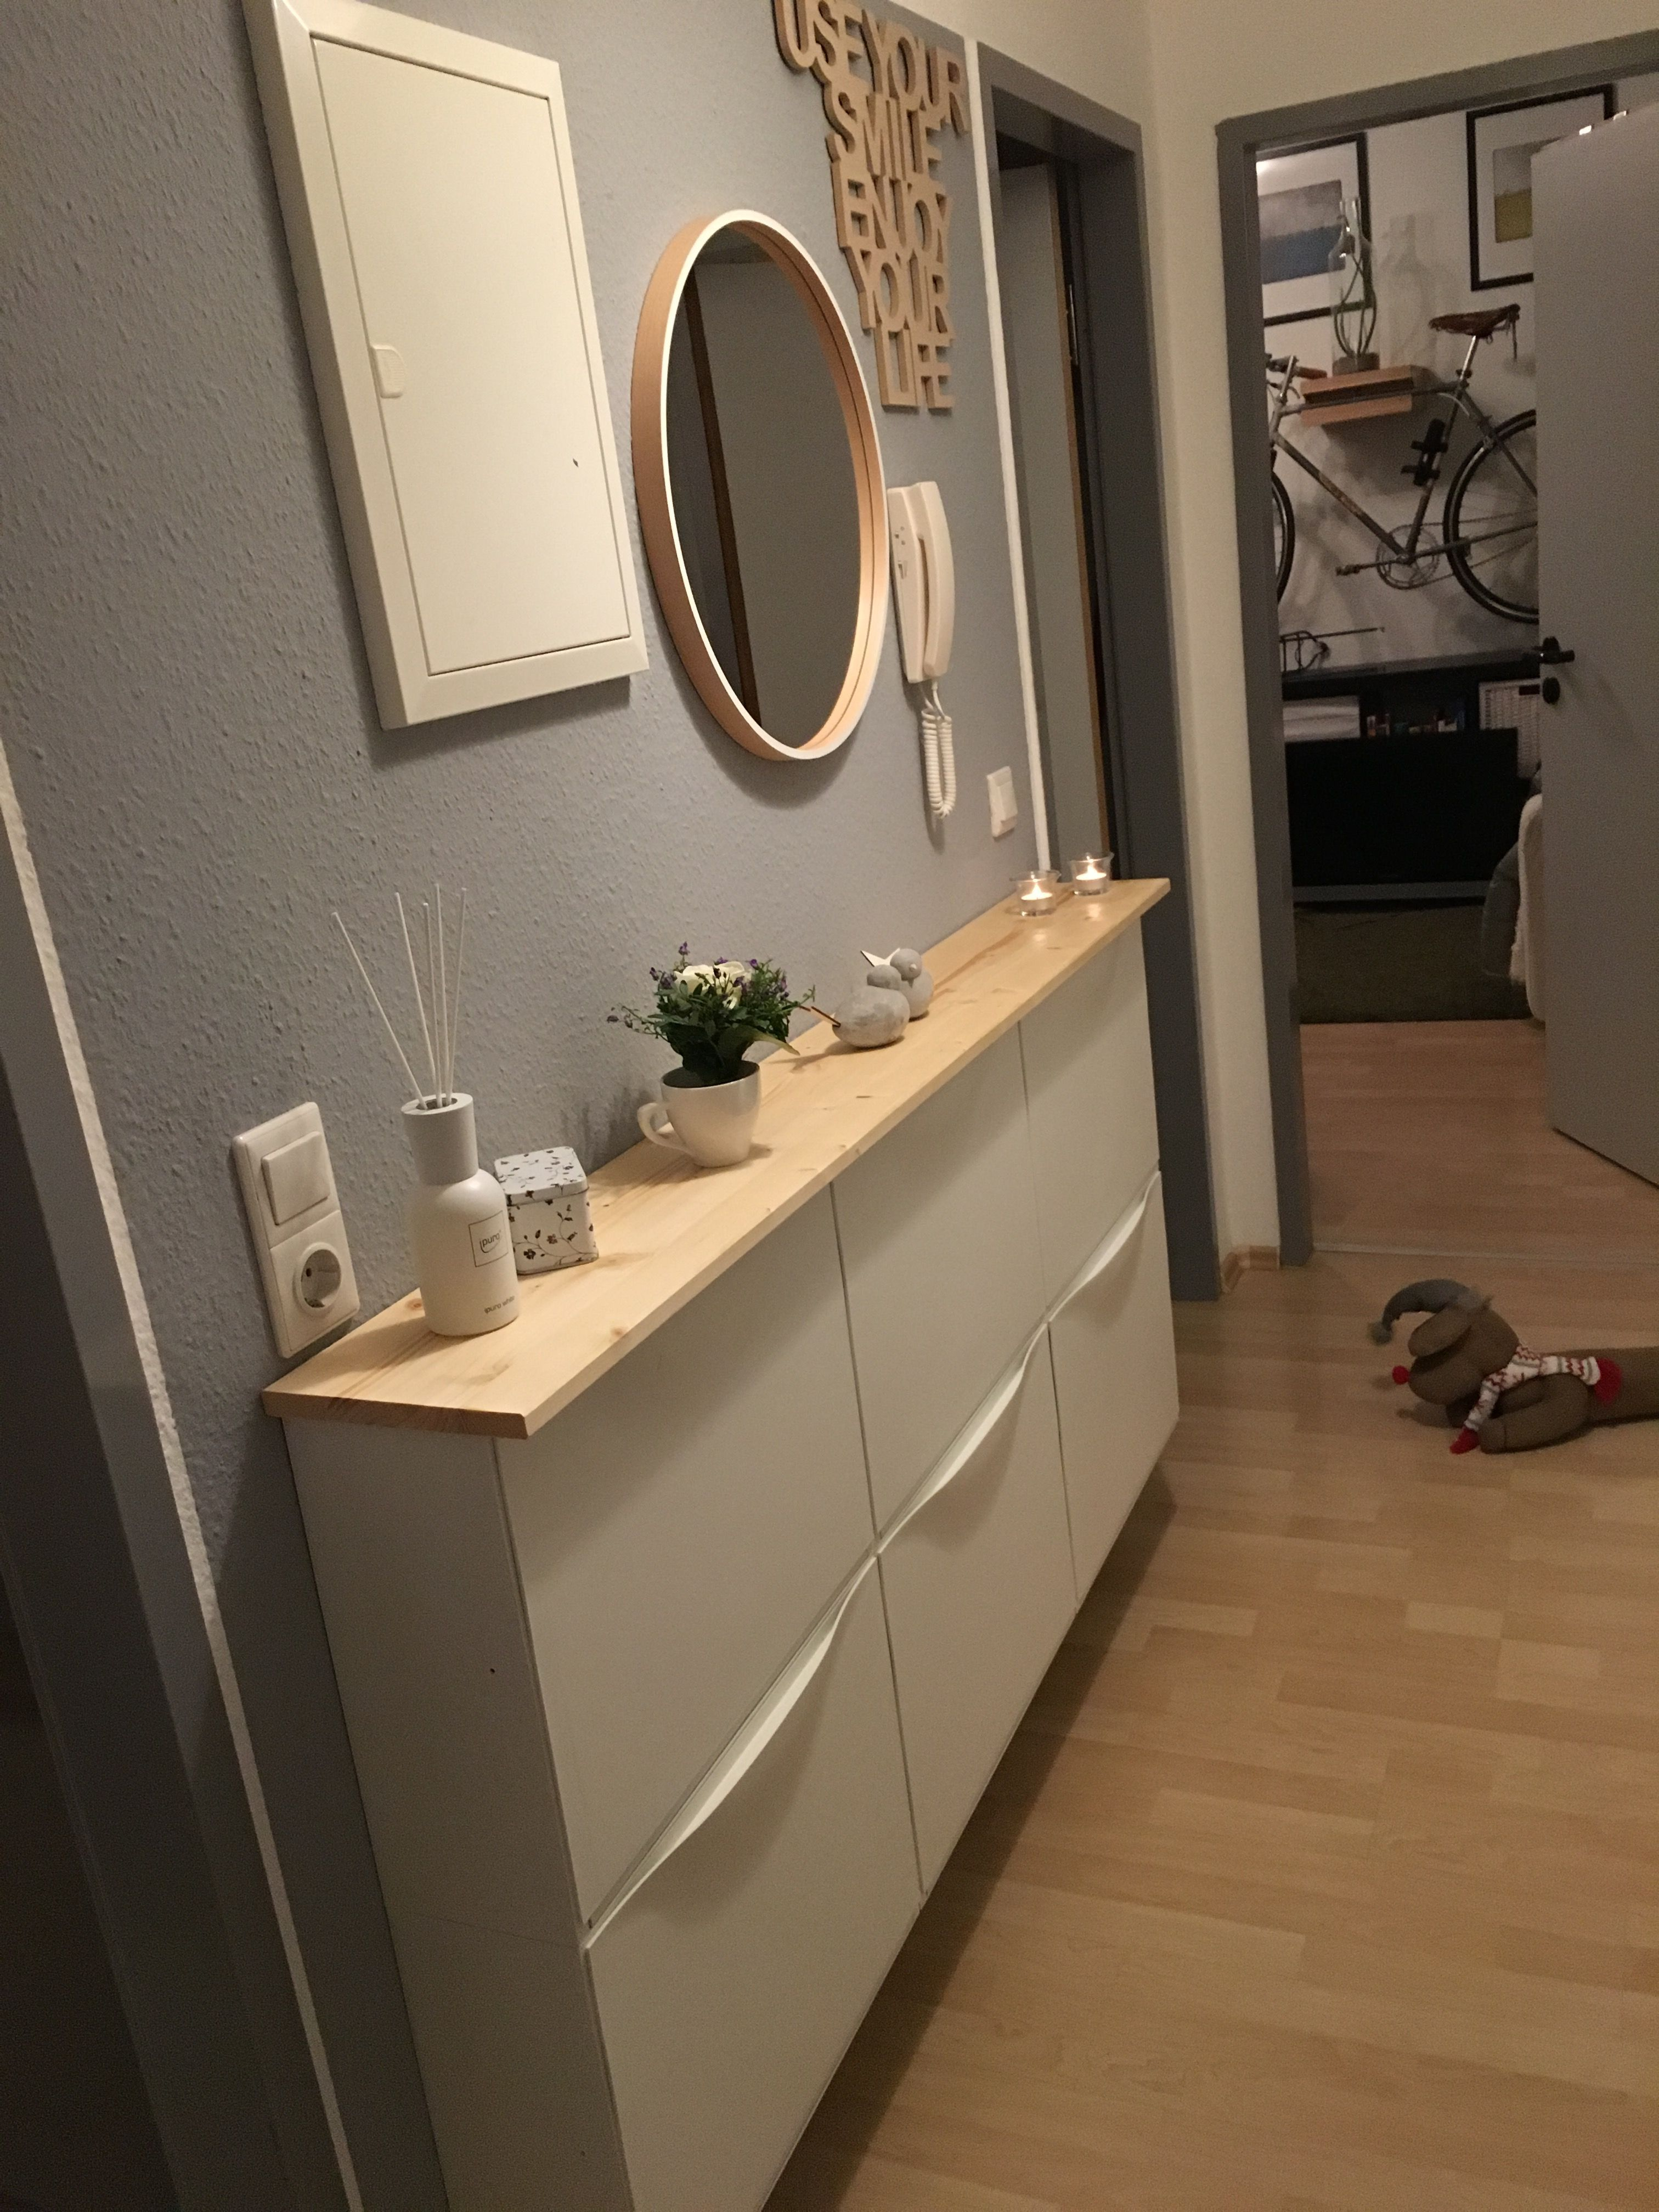 Newest Photographs Bathroom Organization Ikea Ideas Start Using Thise Seven Tricks For Bathroom Organization To B In 2020 Bodengestaltung Haus Innenarchitektur Wohnung